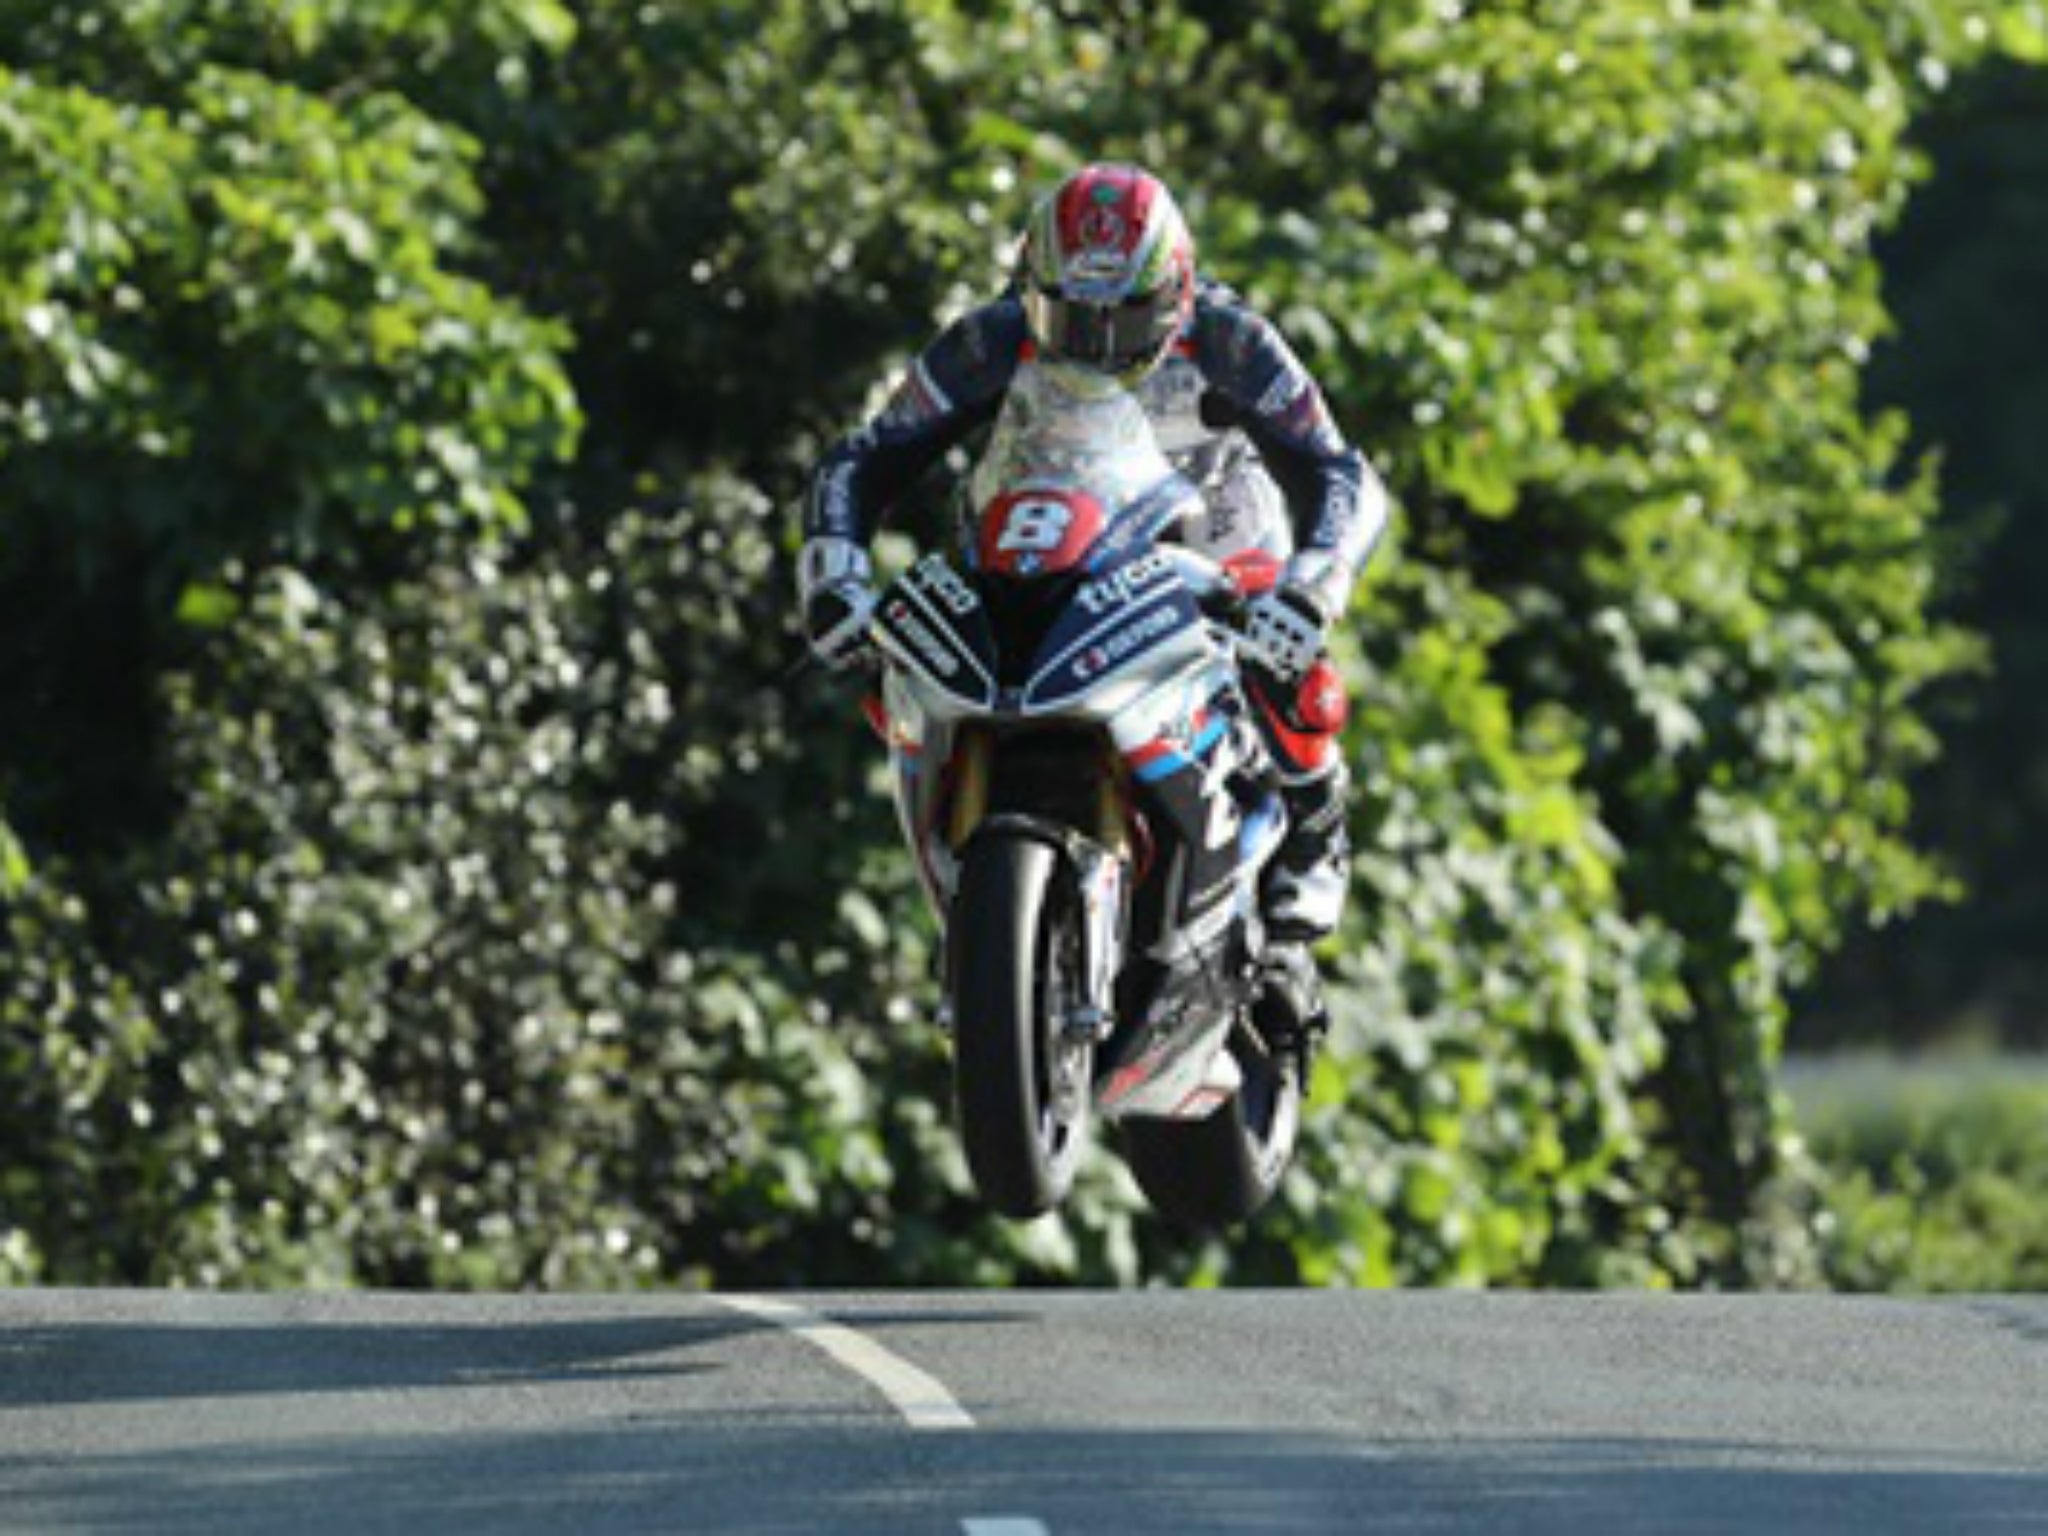 dan kneen dead isle of man tt rider dies in superbike